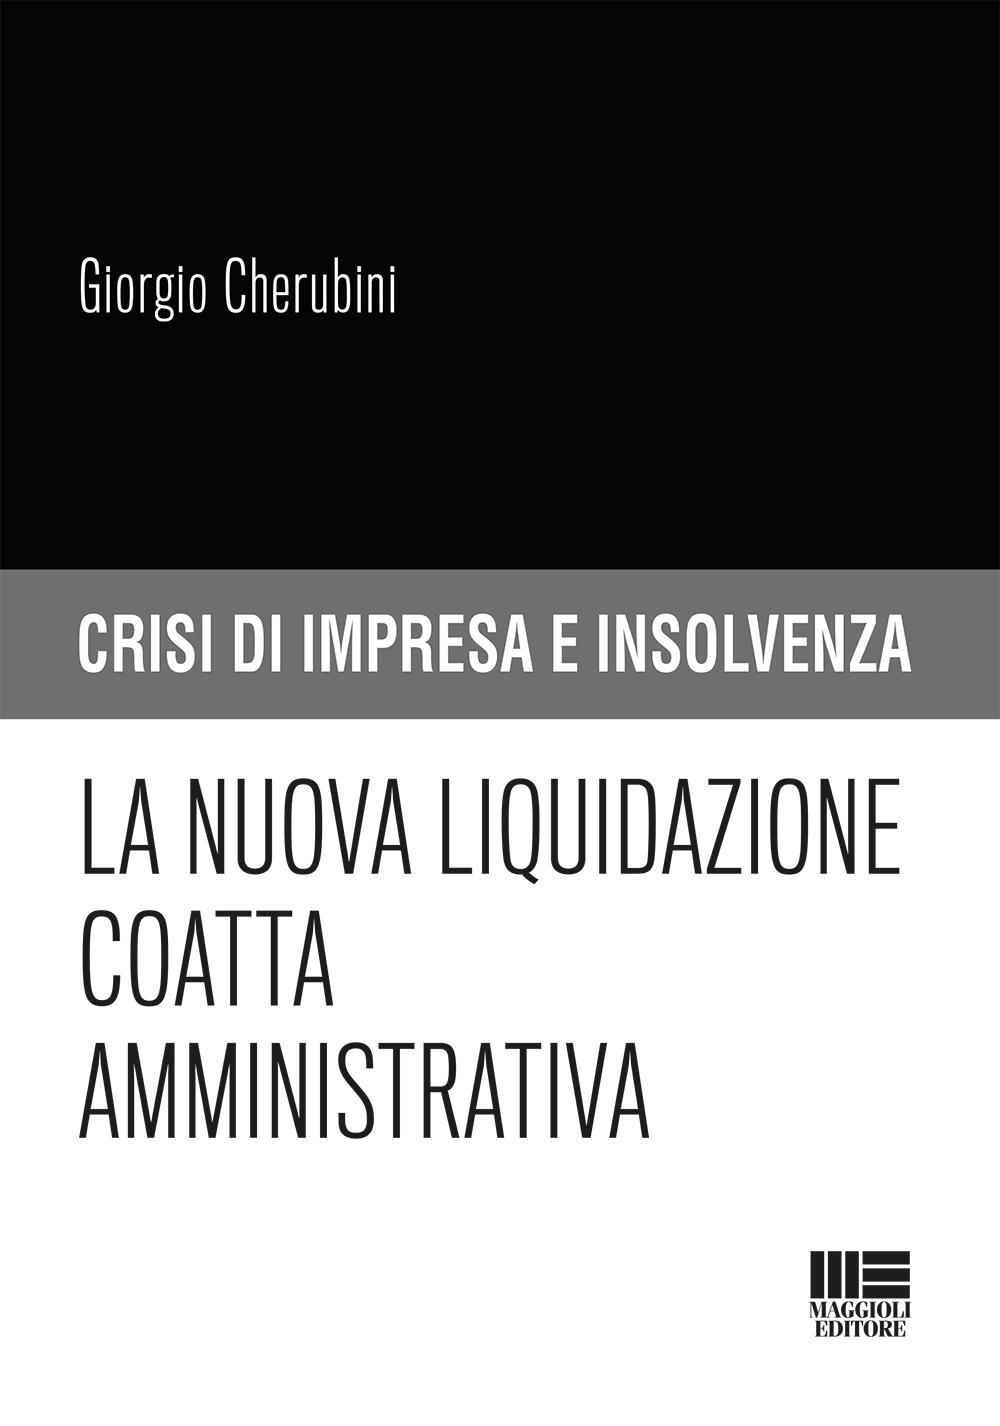 La nuova liquidazione coatta amministrativa Libro carta